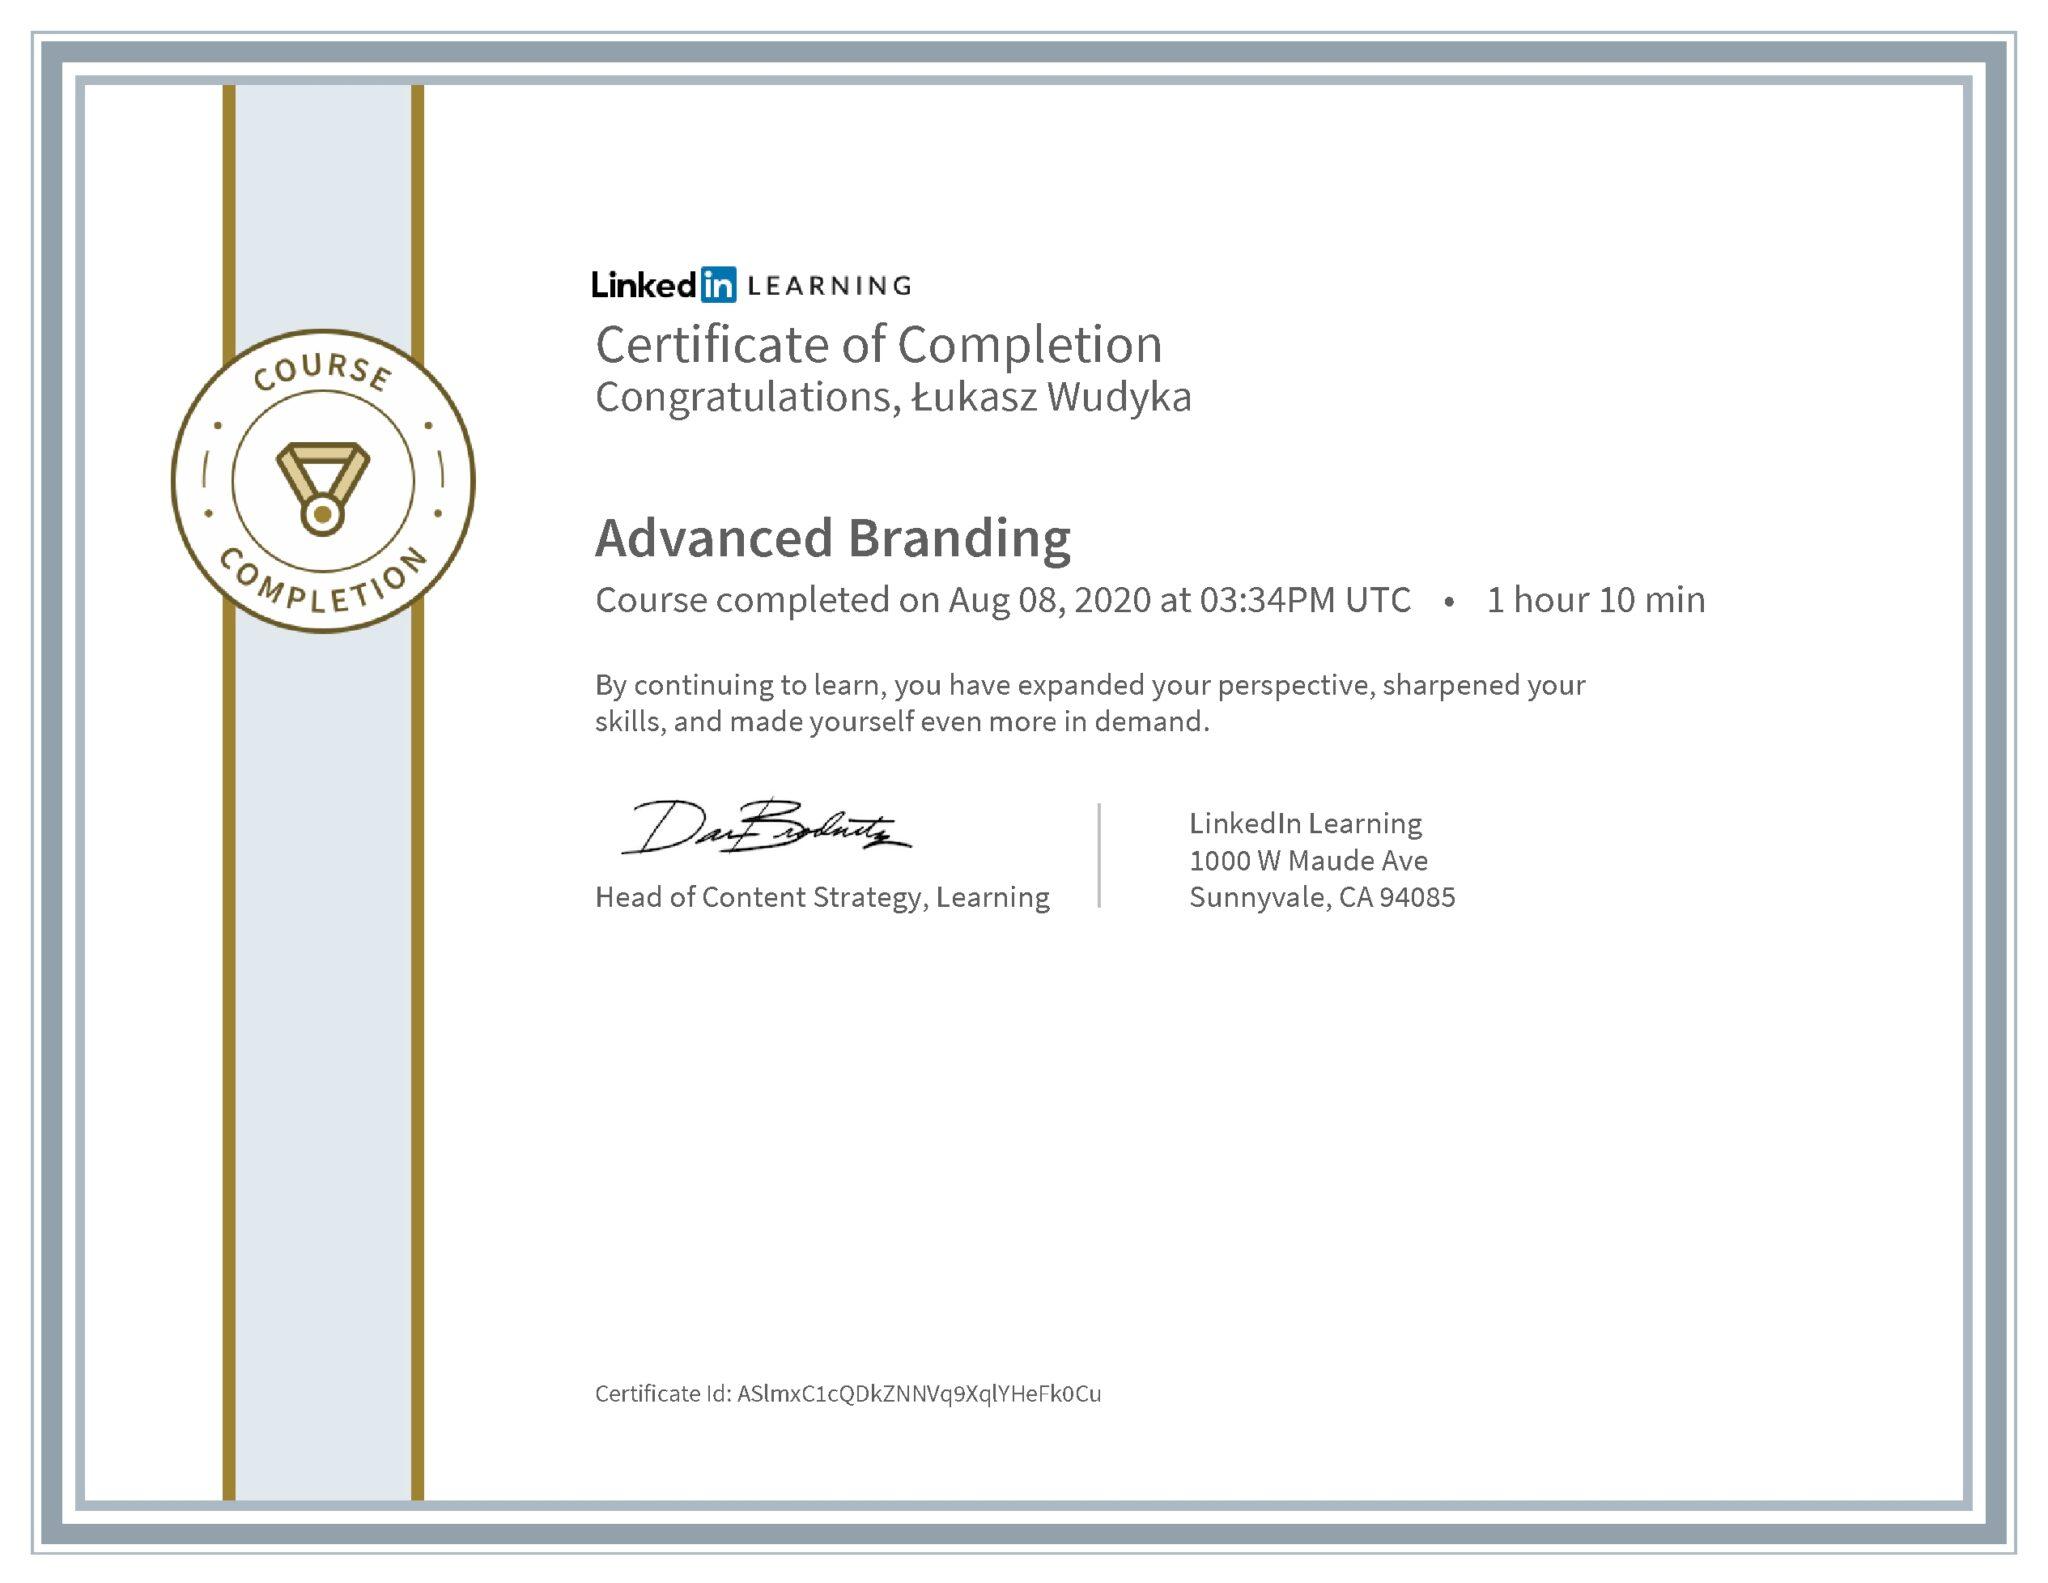 Łukasz Wudyka certyfikat LinkedIn Advanced Branding